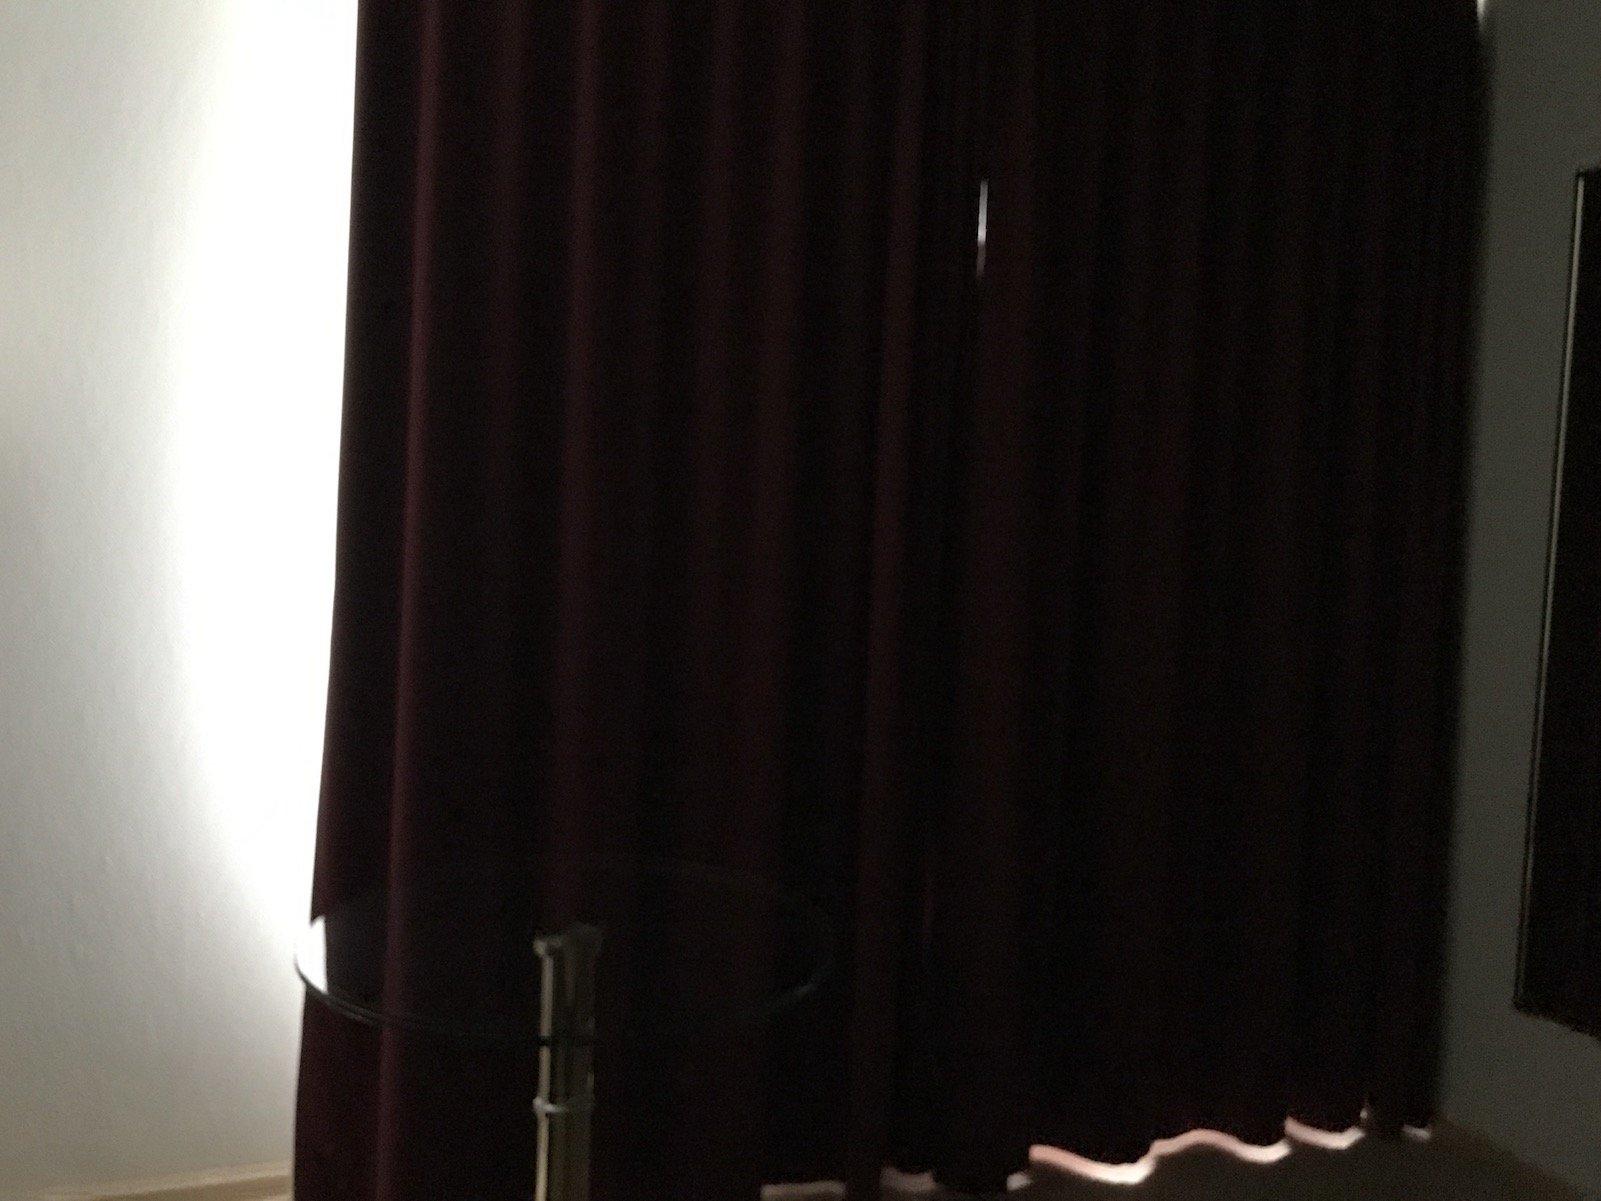 Vorhang, der zu viel Licht durchlässt, es ist morgens taghell im Zimmer